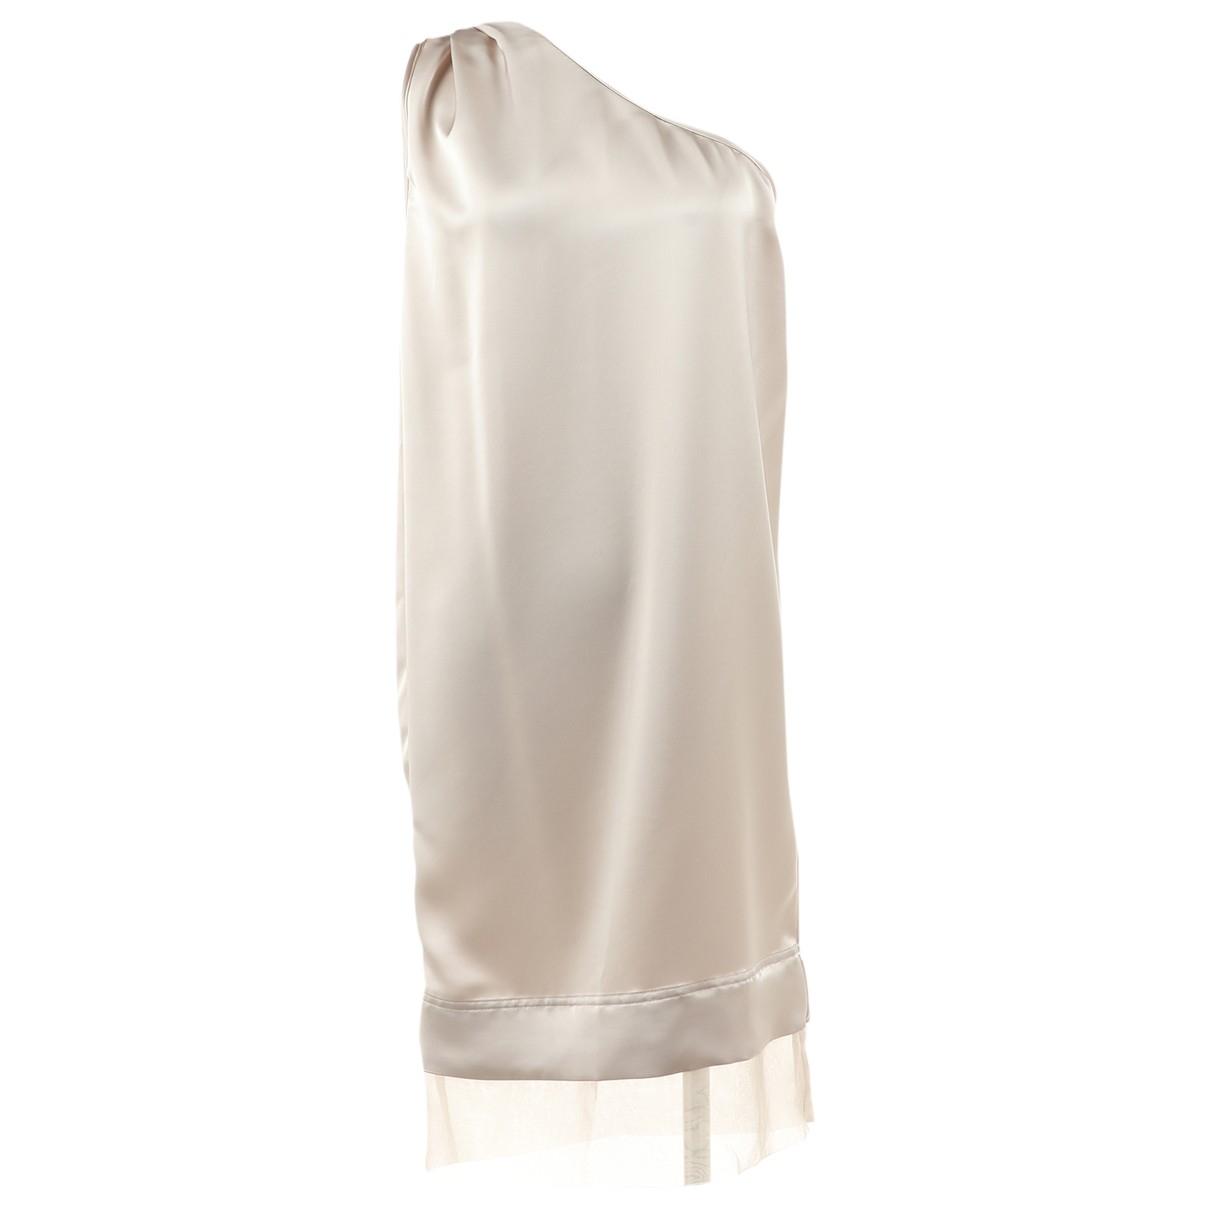 Stella Mccartney \N Pink dress for Women 38 IT